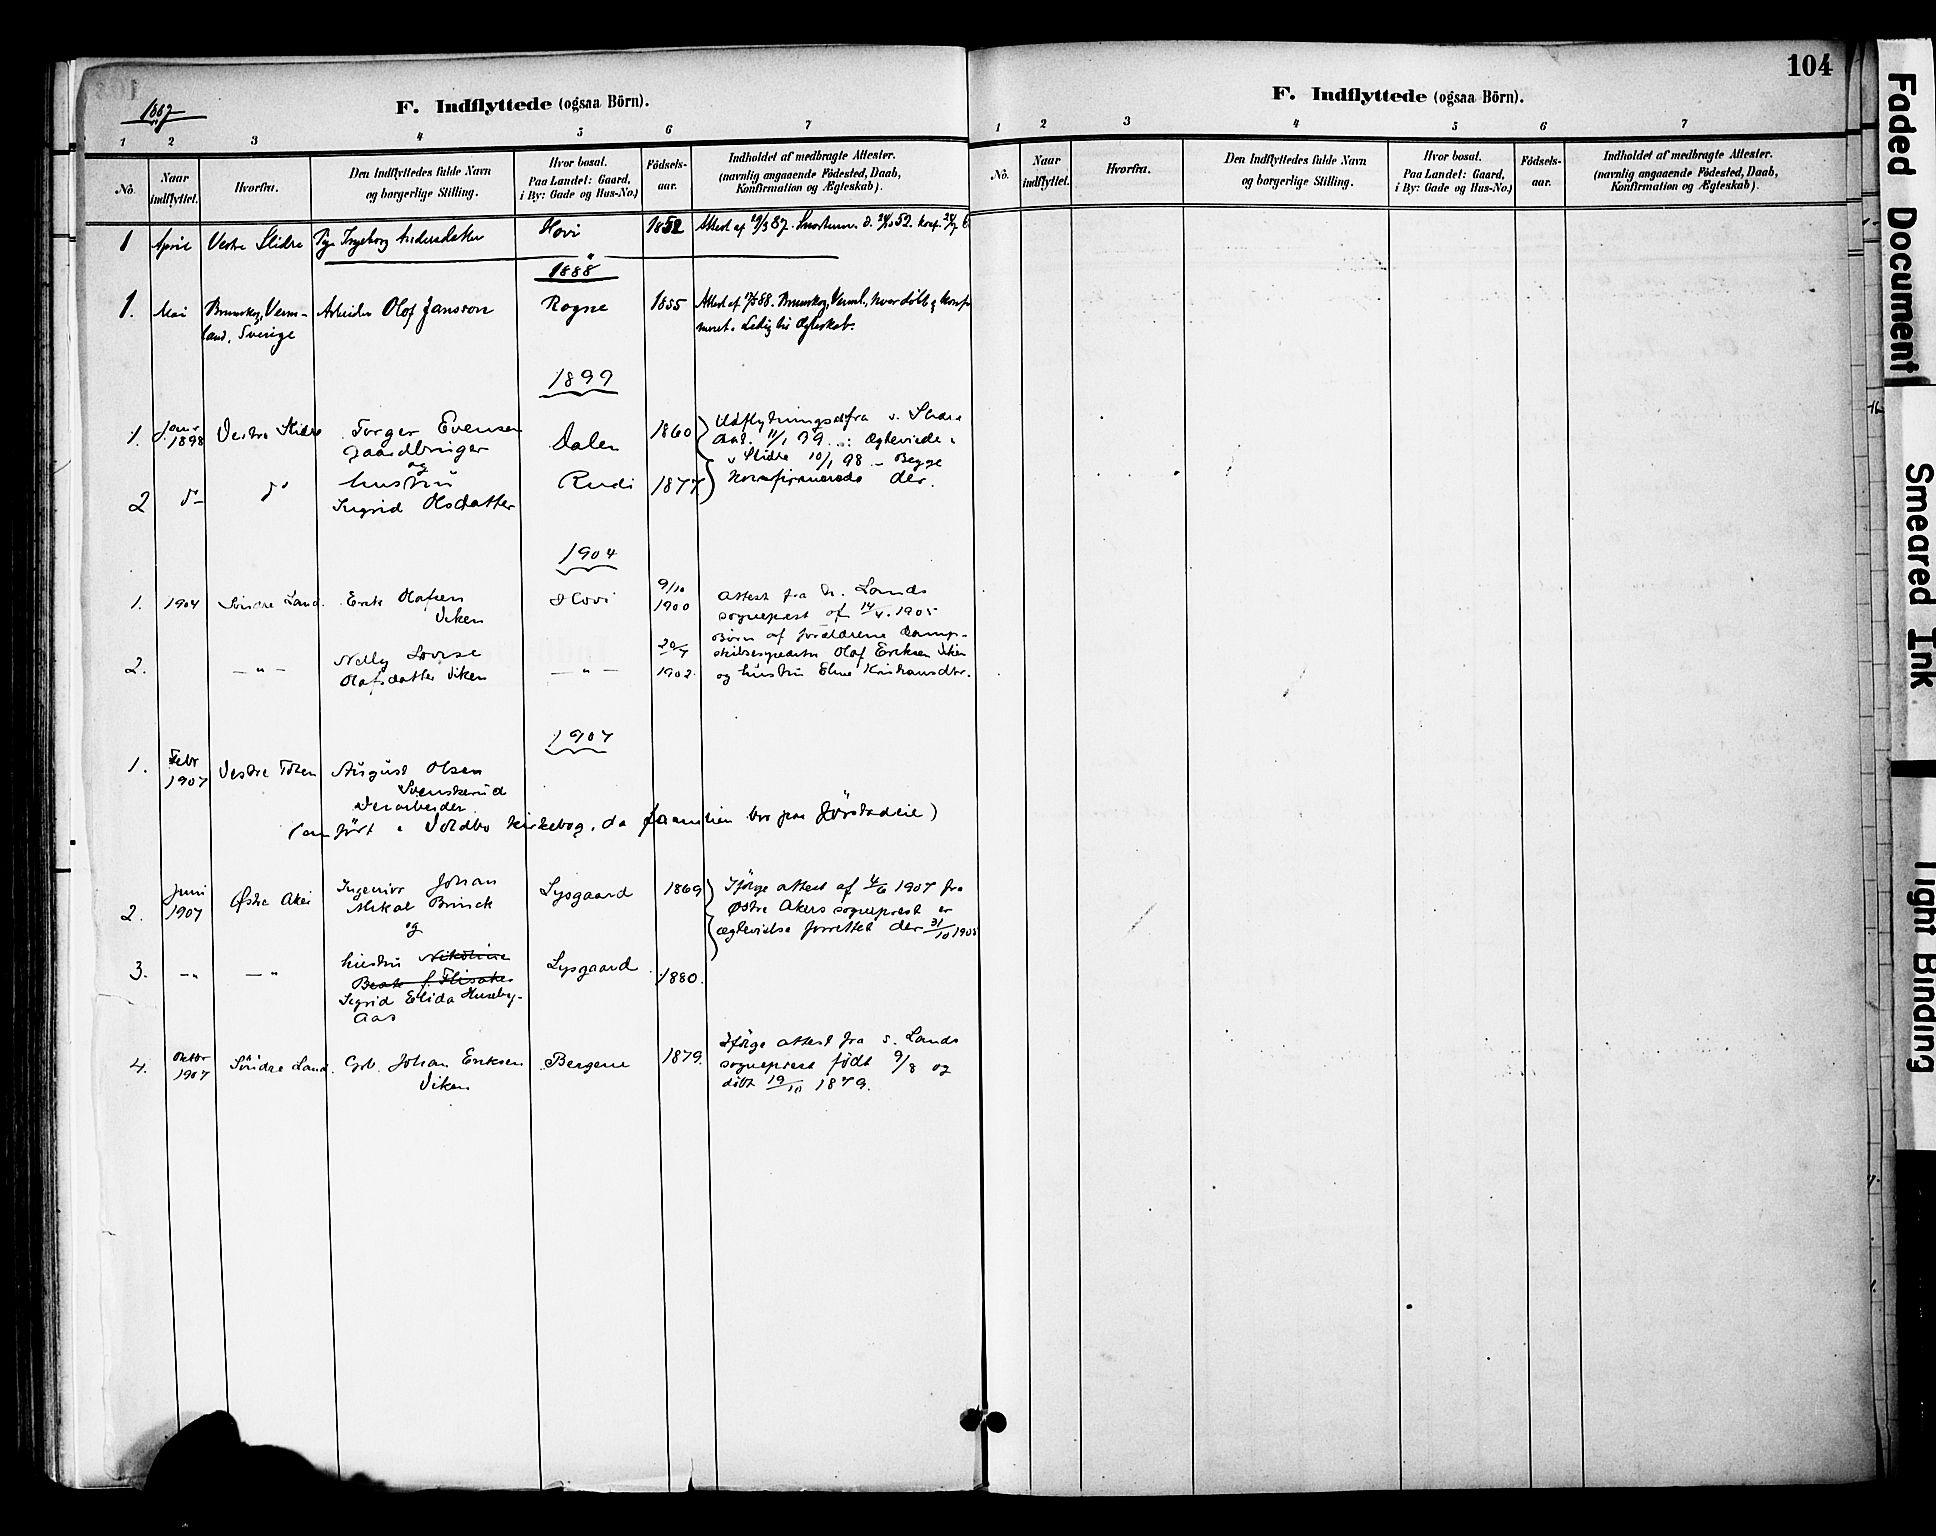 SAH, Øystre Slidre prestekontor, Ministerialbok nr. 3, 1887-1910, s. 104